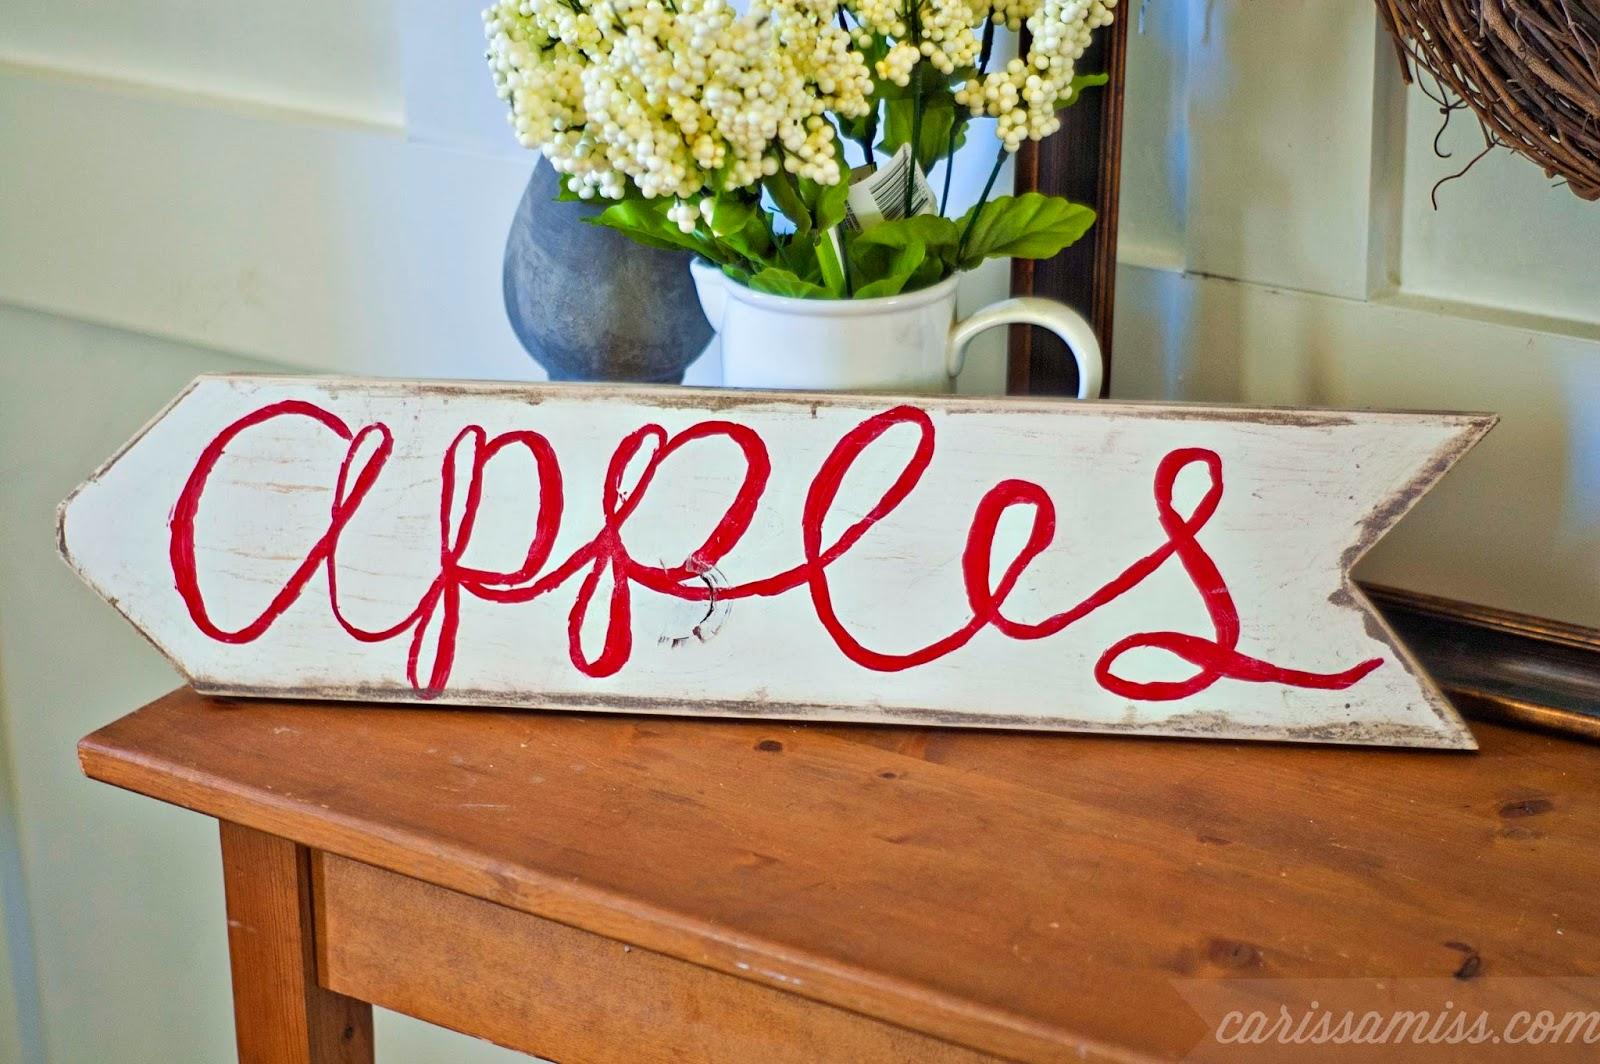 Carissa Miss: Vintage Apple Sign